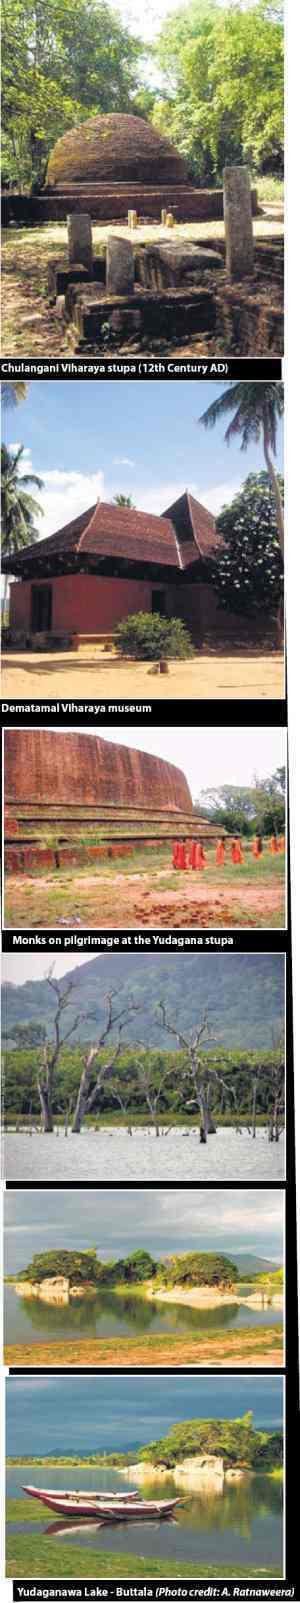 Buttala / wellawaya / Yudaganawa / Dematamal Viharaya